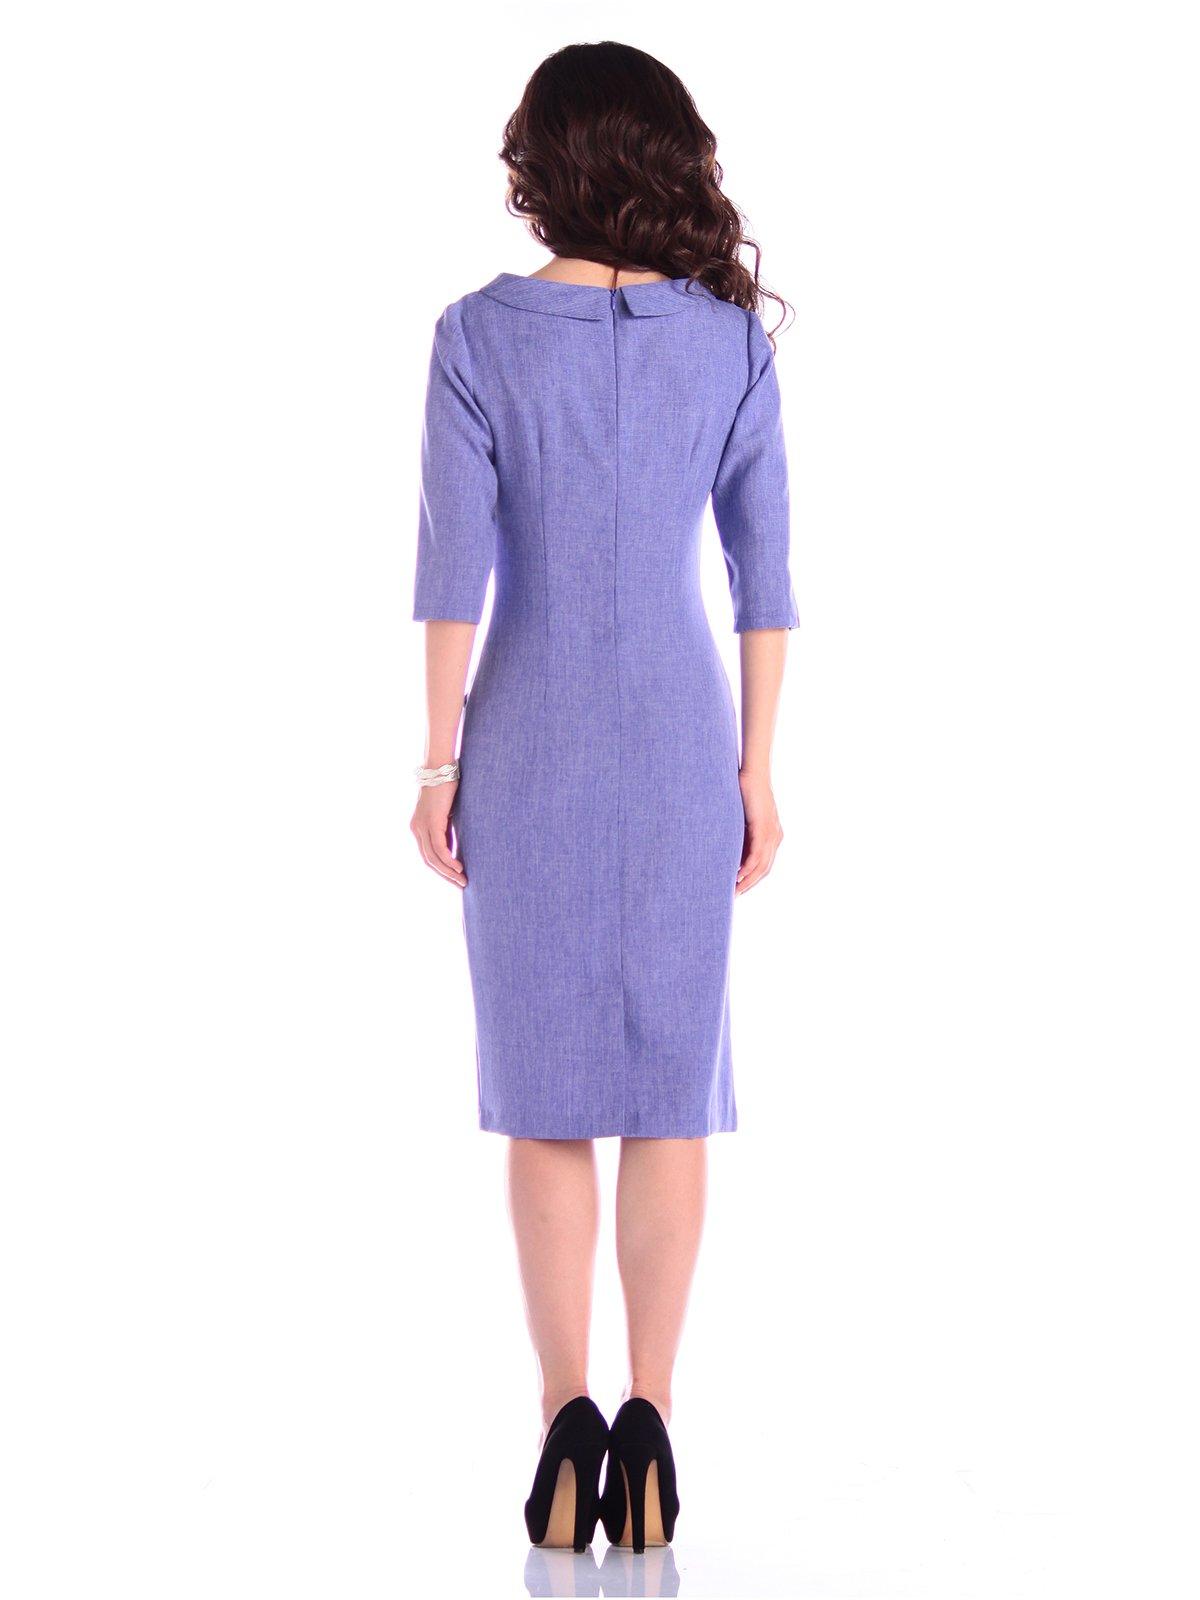 Платье фиолетовое | 3400747 | фото 2